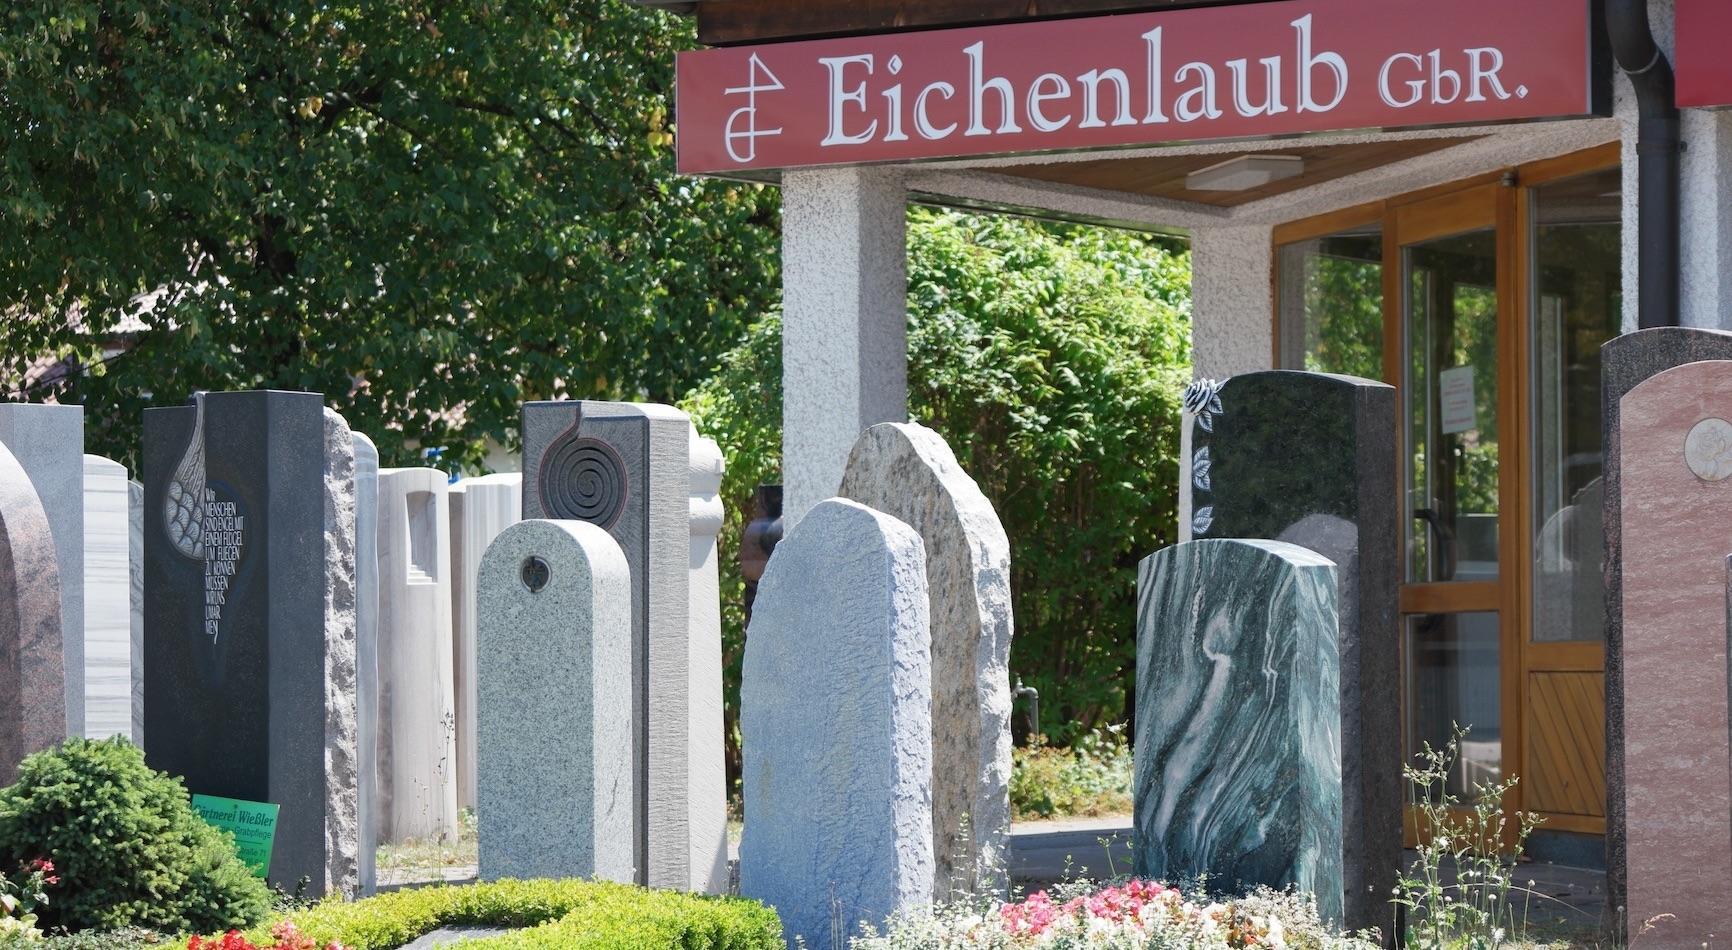 Robert und Harald Eichenlaub  -  Natur- und Grabsteine GbR